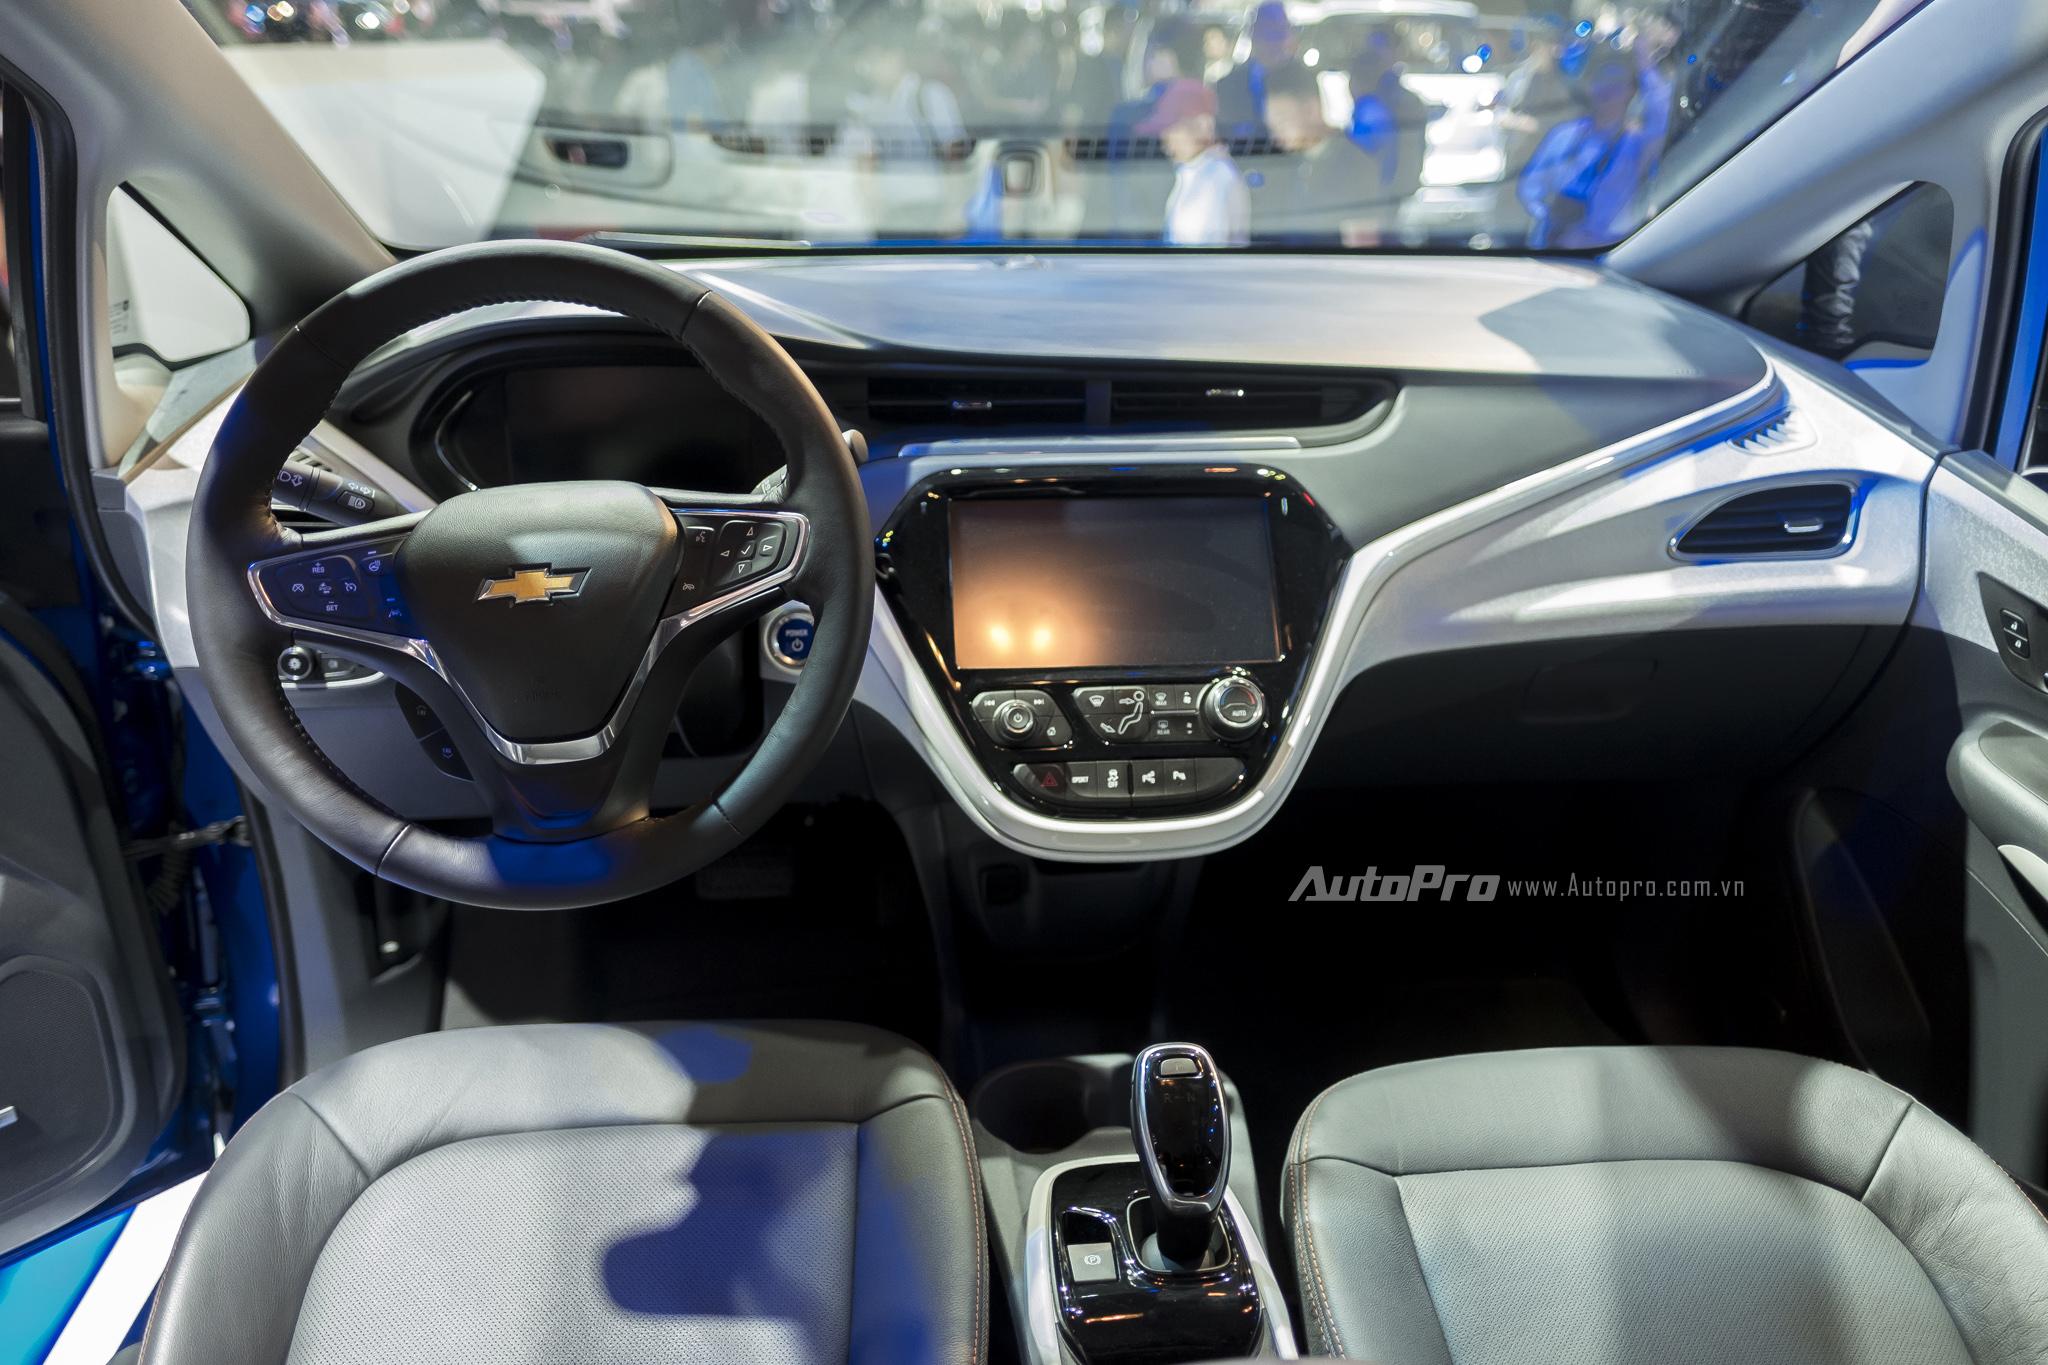 Khám phá xe xanh Chevrolet Bolt EV - Ảnh 10.